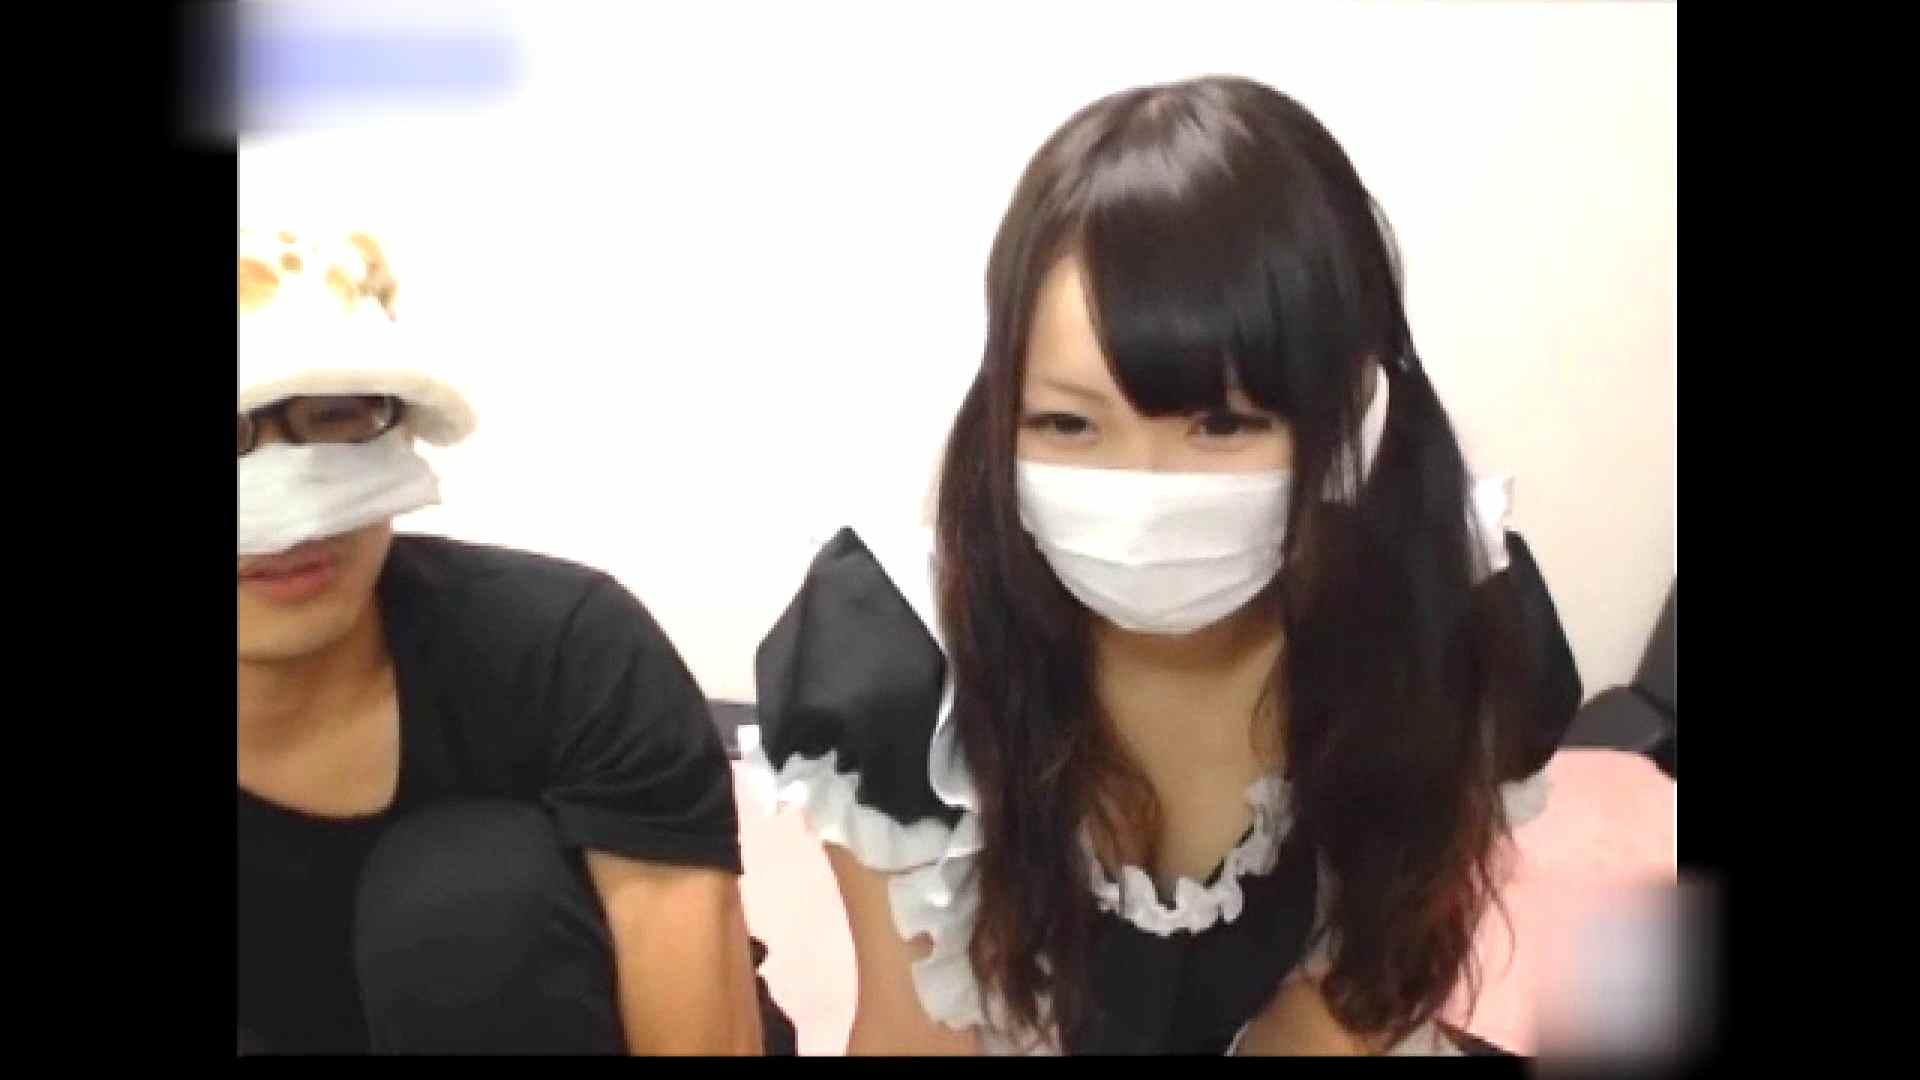 斬新な男女の営み Vol.32 美女 盗撮動画紹介 23連発 11